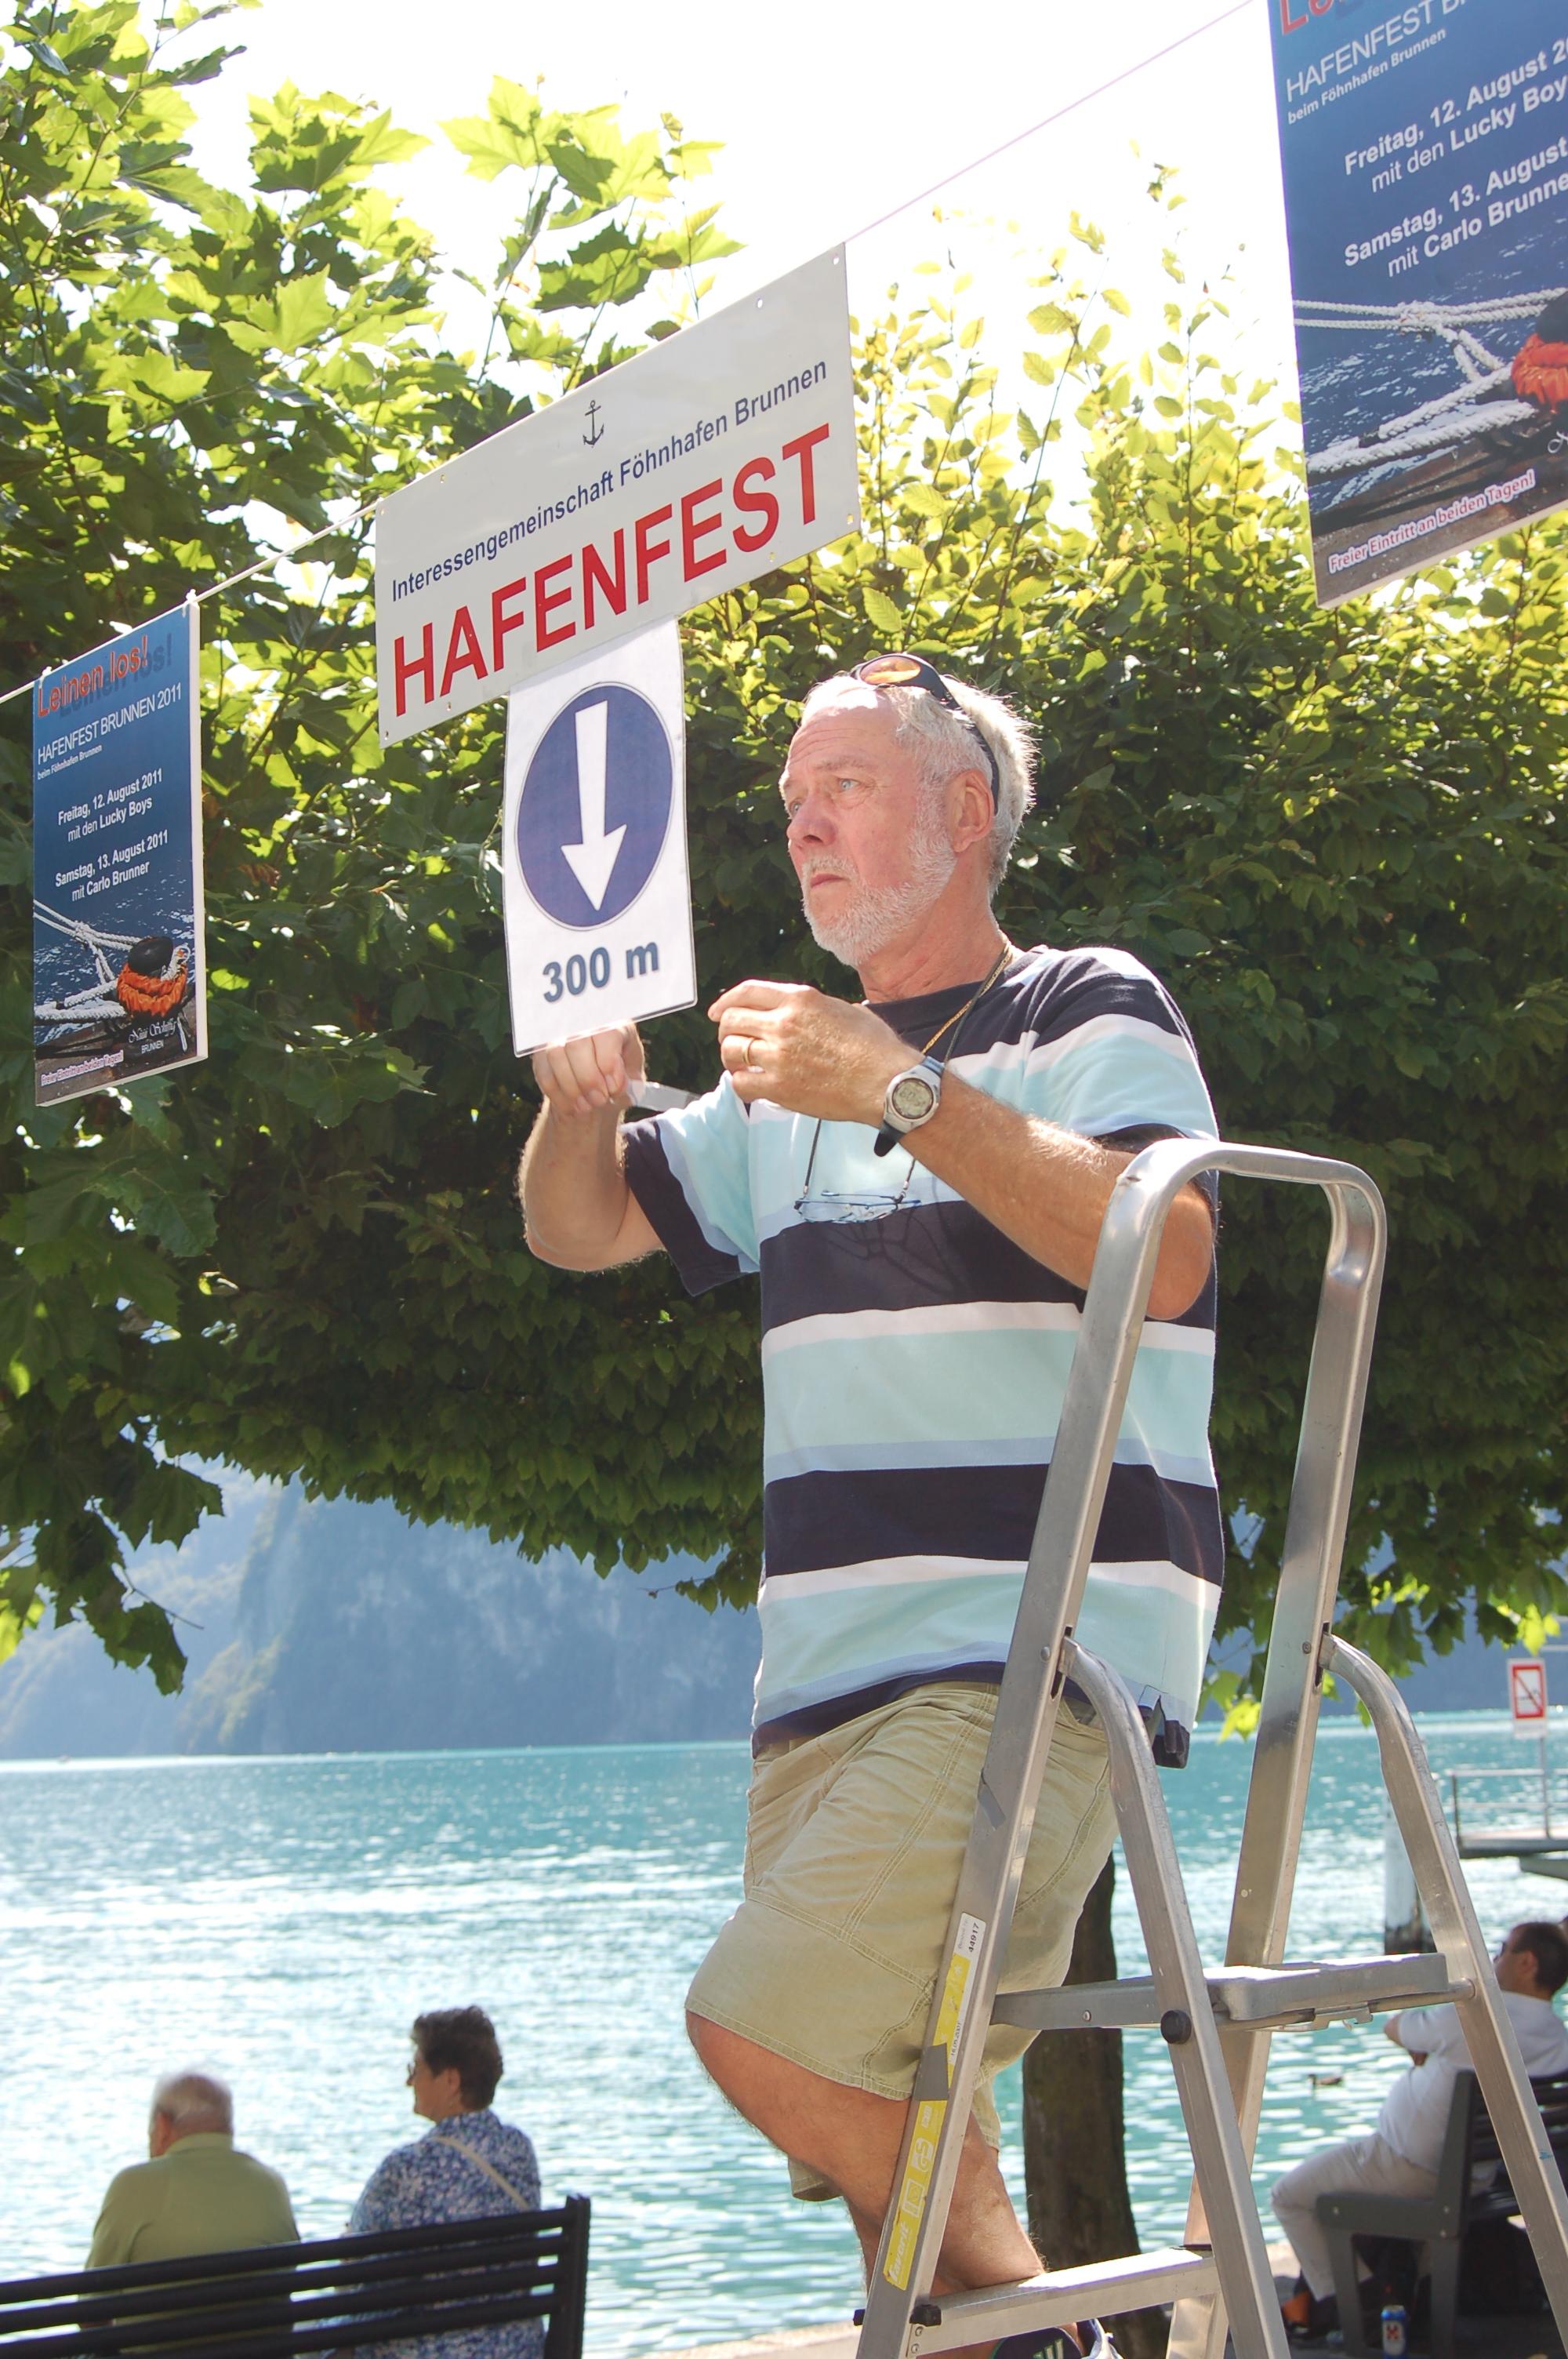 igf-hafenfest-brunnen-2011-06